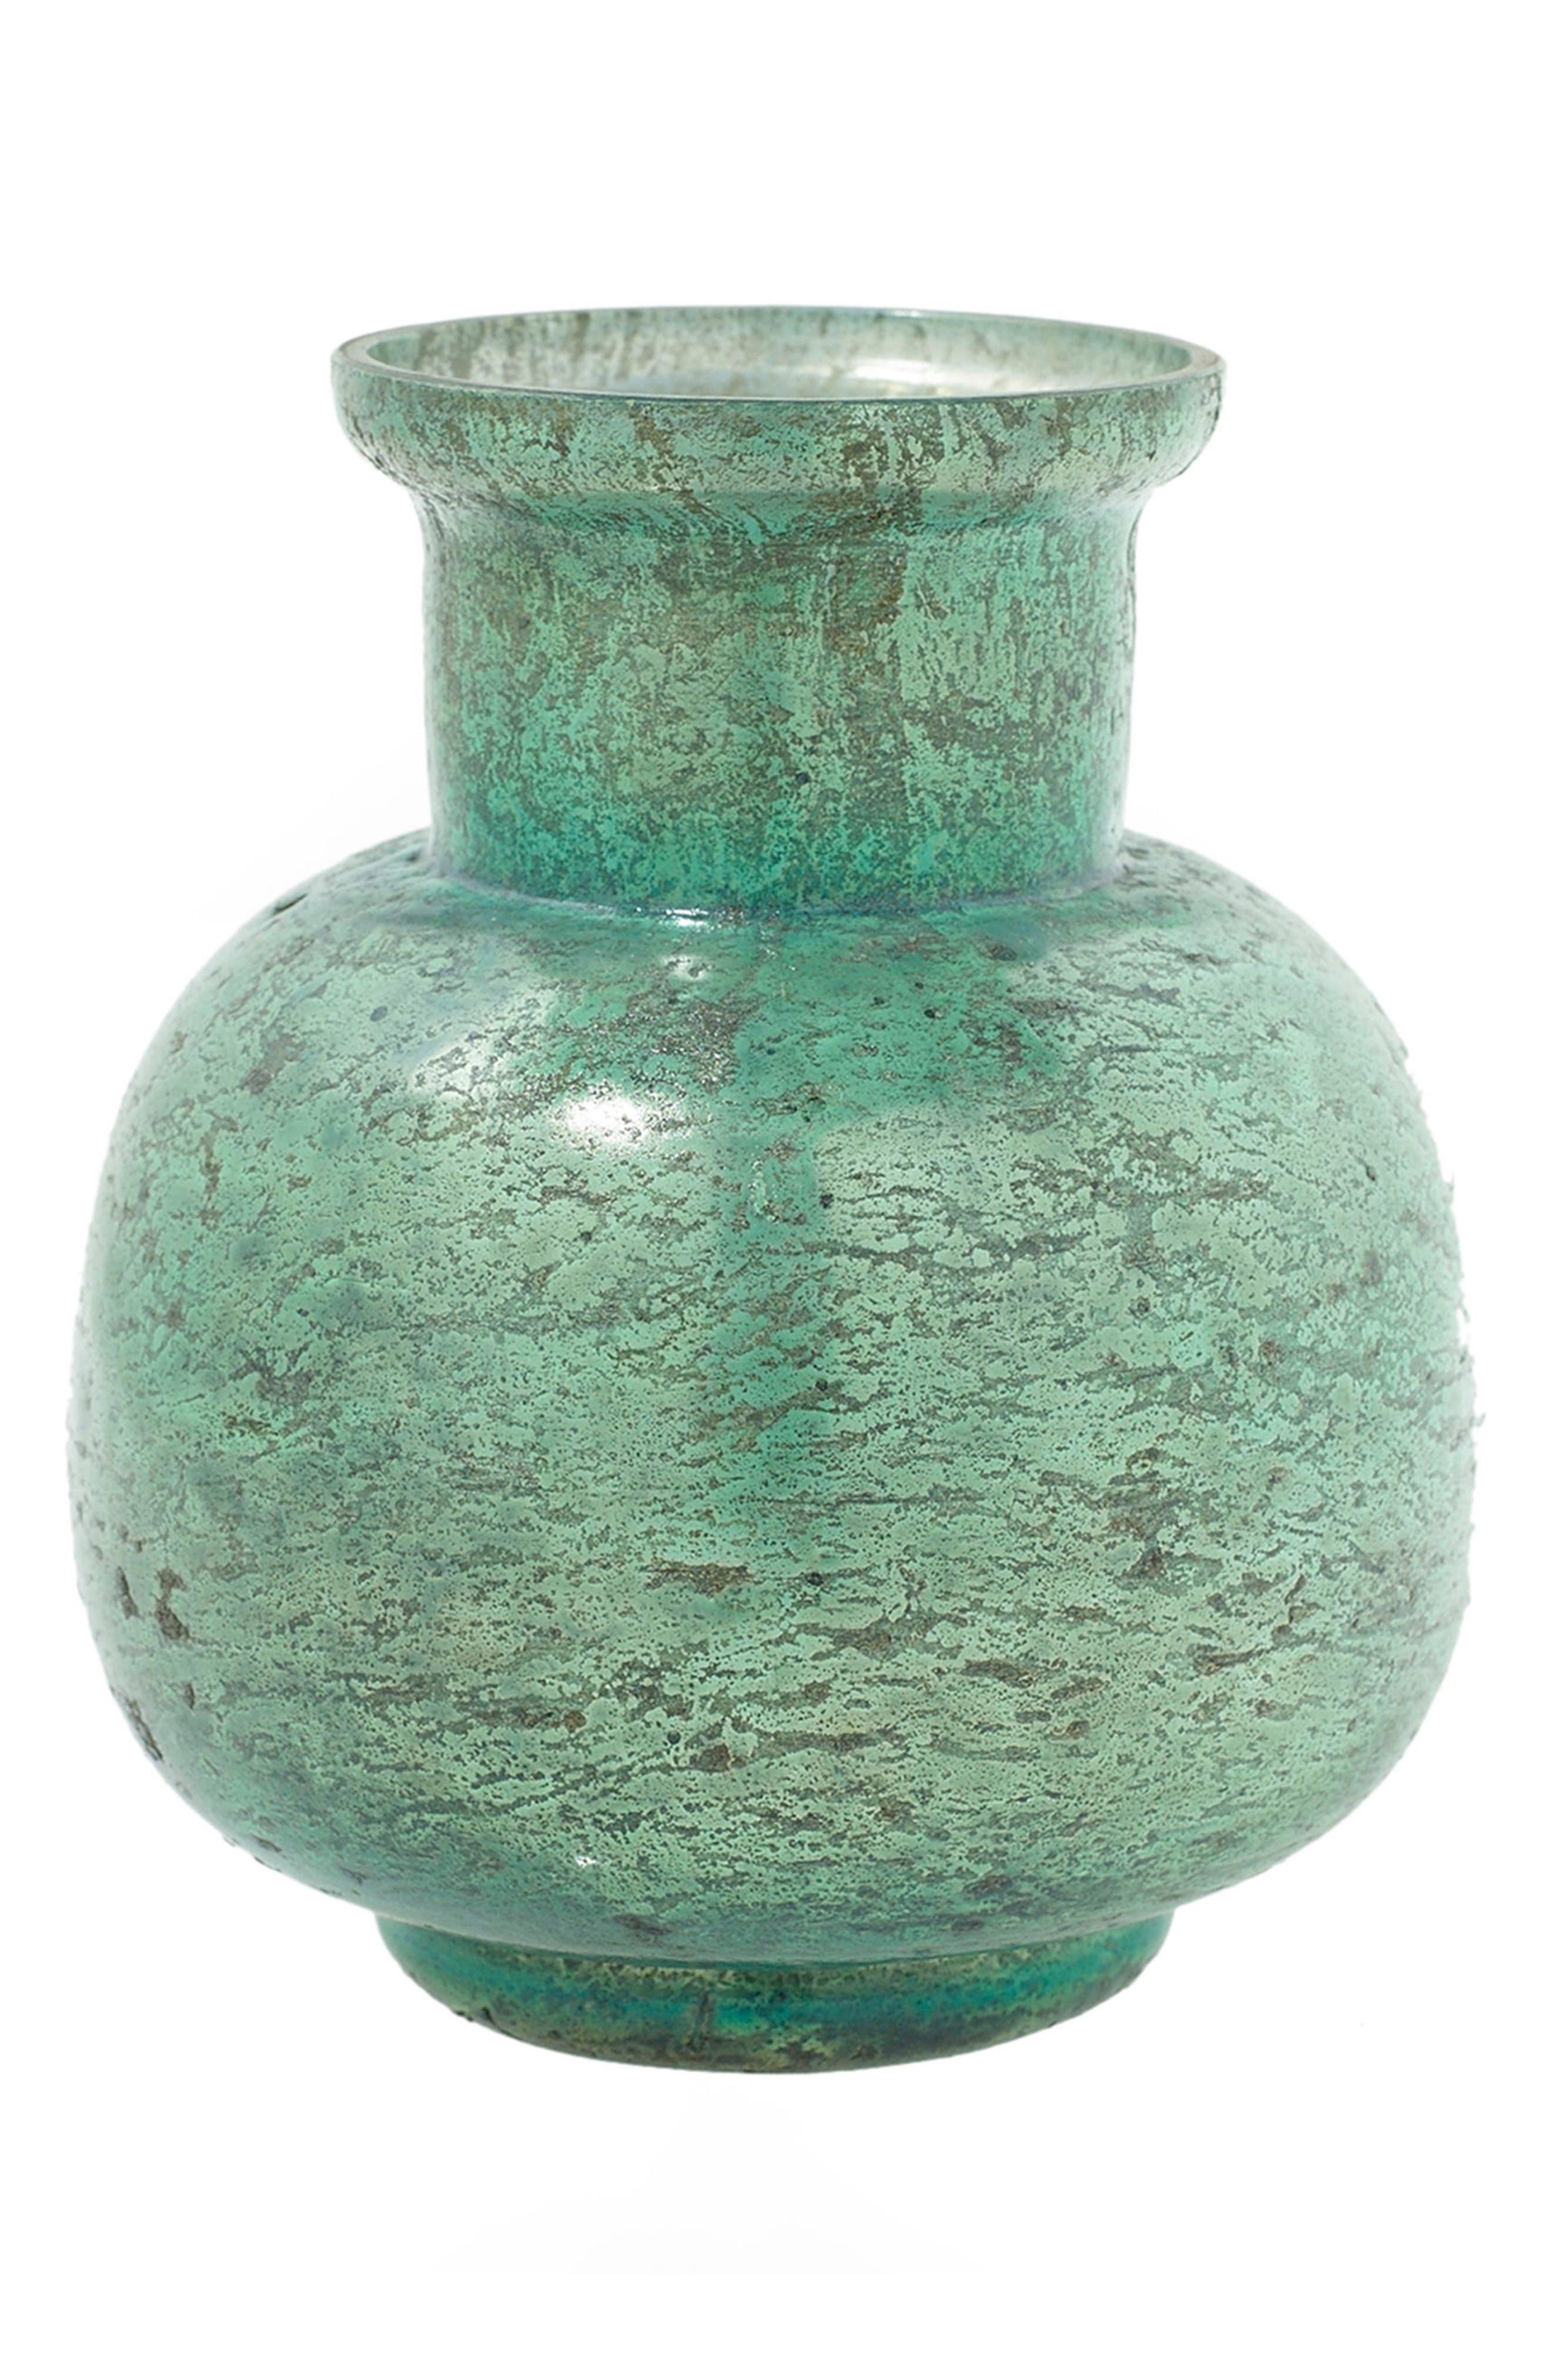 Suncoo Mercury Glass Vase,                             Main thumbnail 1, color,                             Seafoam